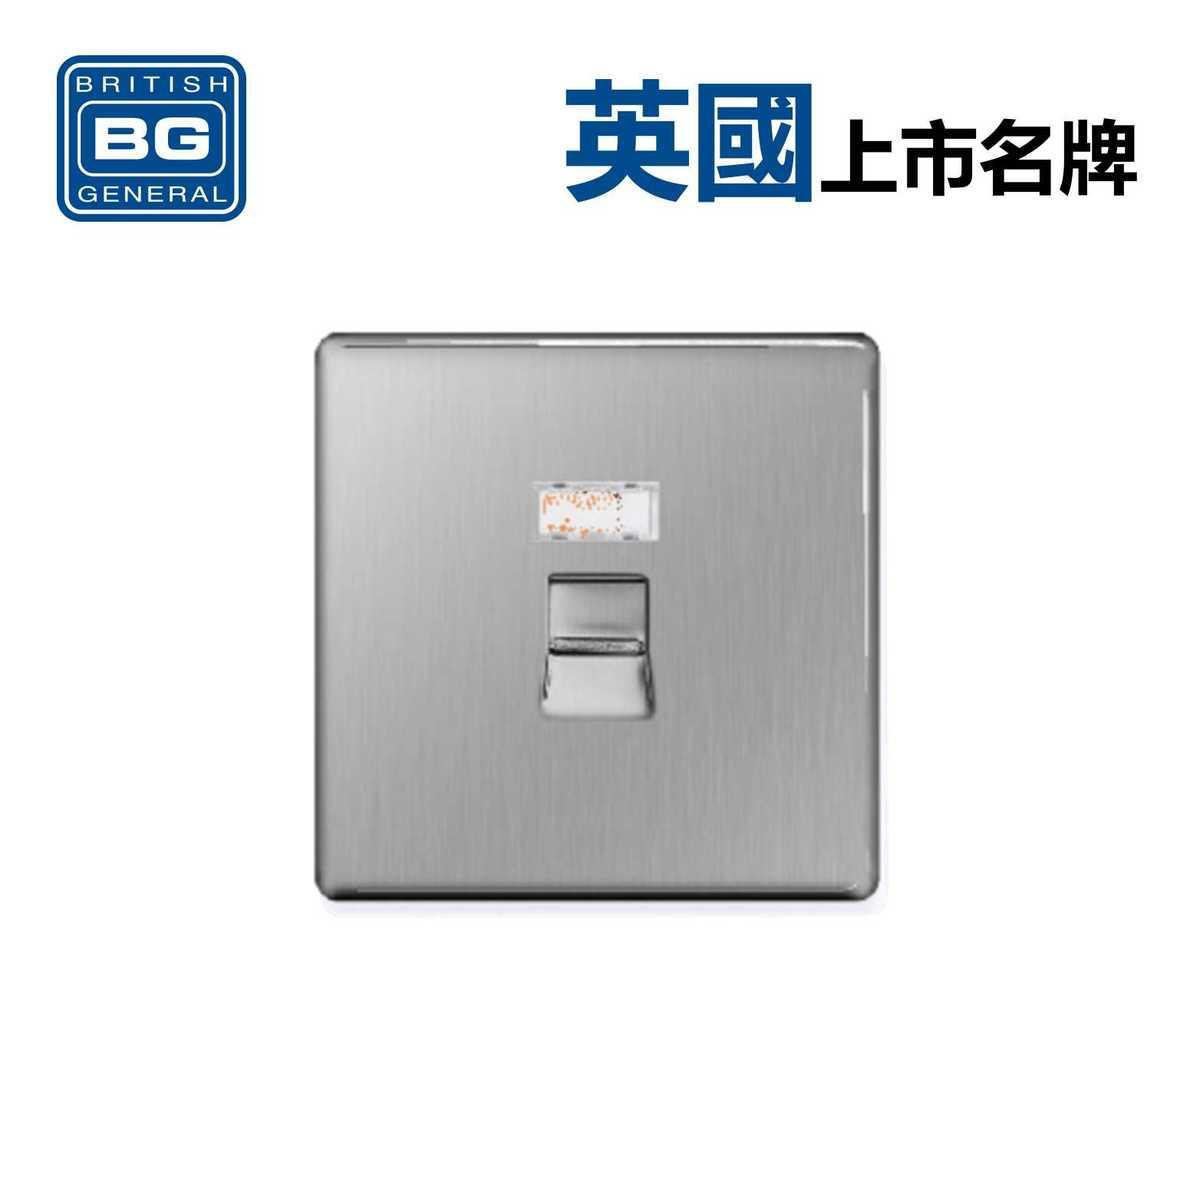 1-Gang RJ45 Data Socket -Flatplate Brushed Steel (Model: FBSRJ451)